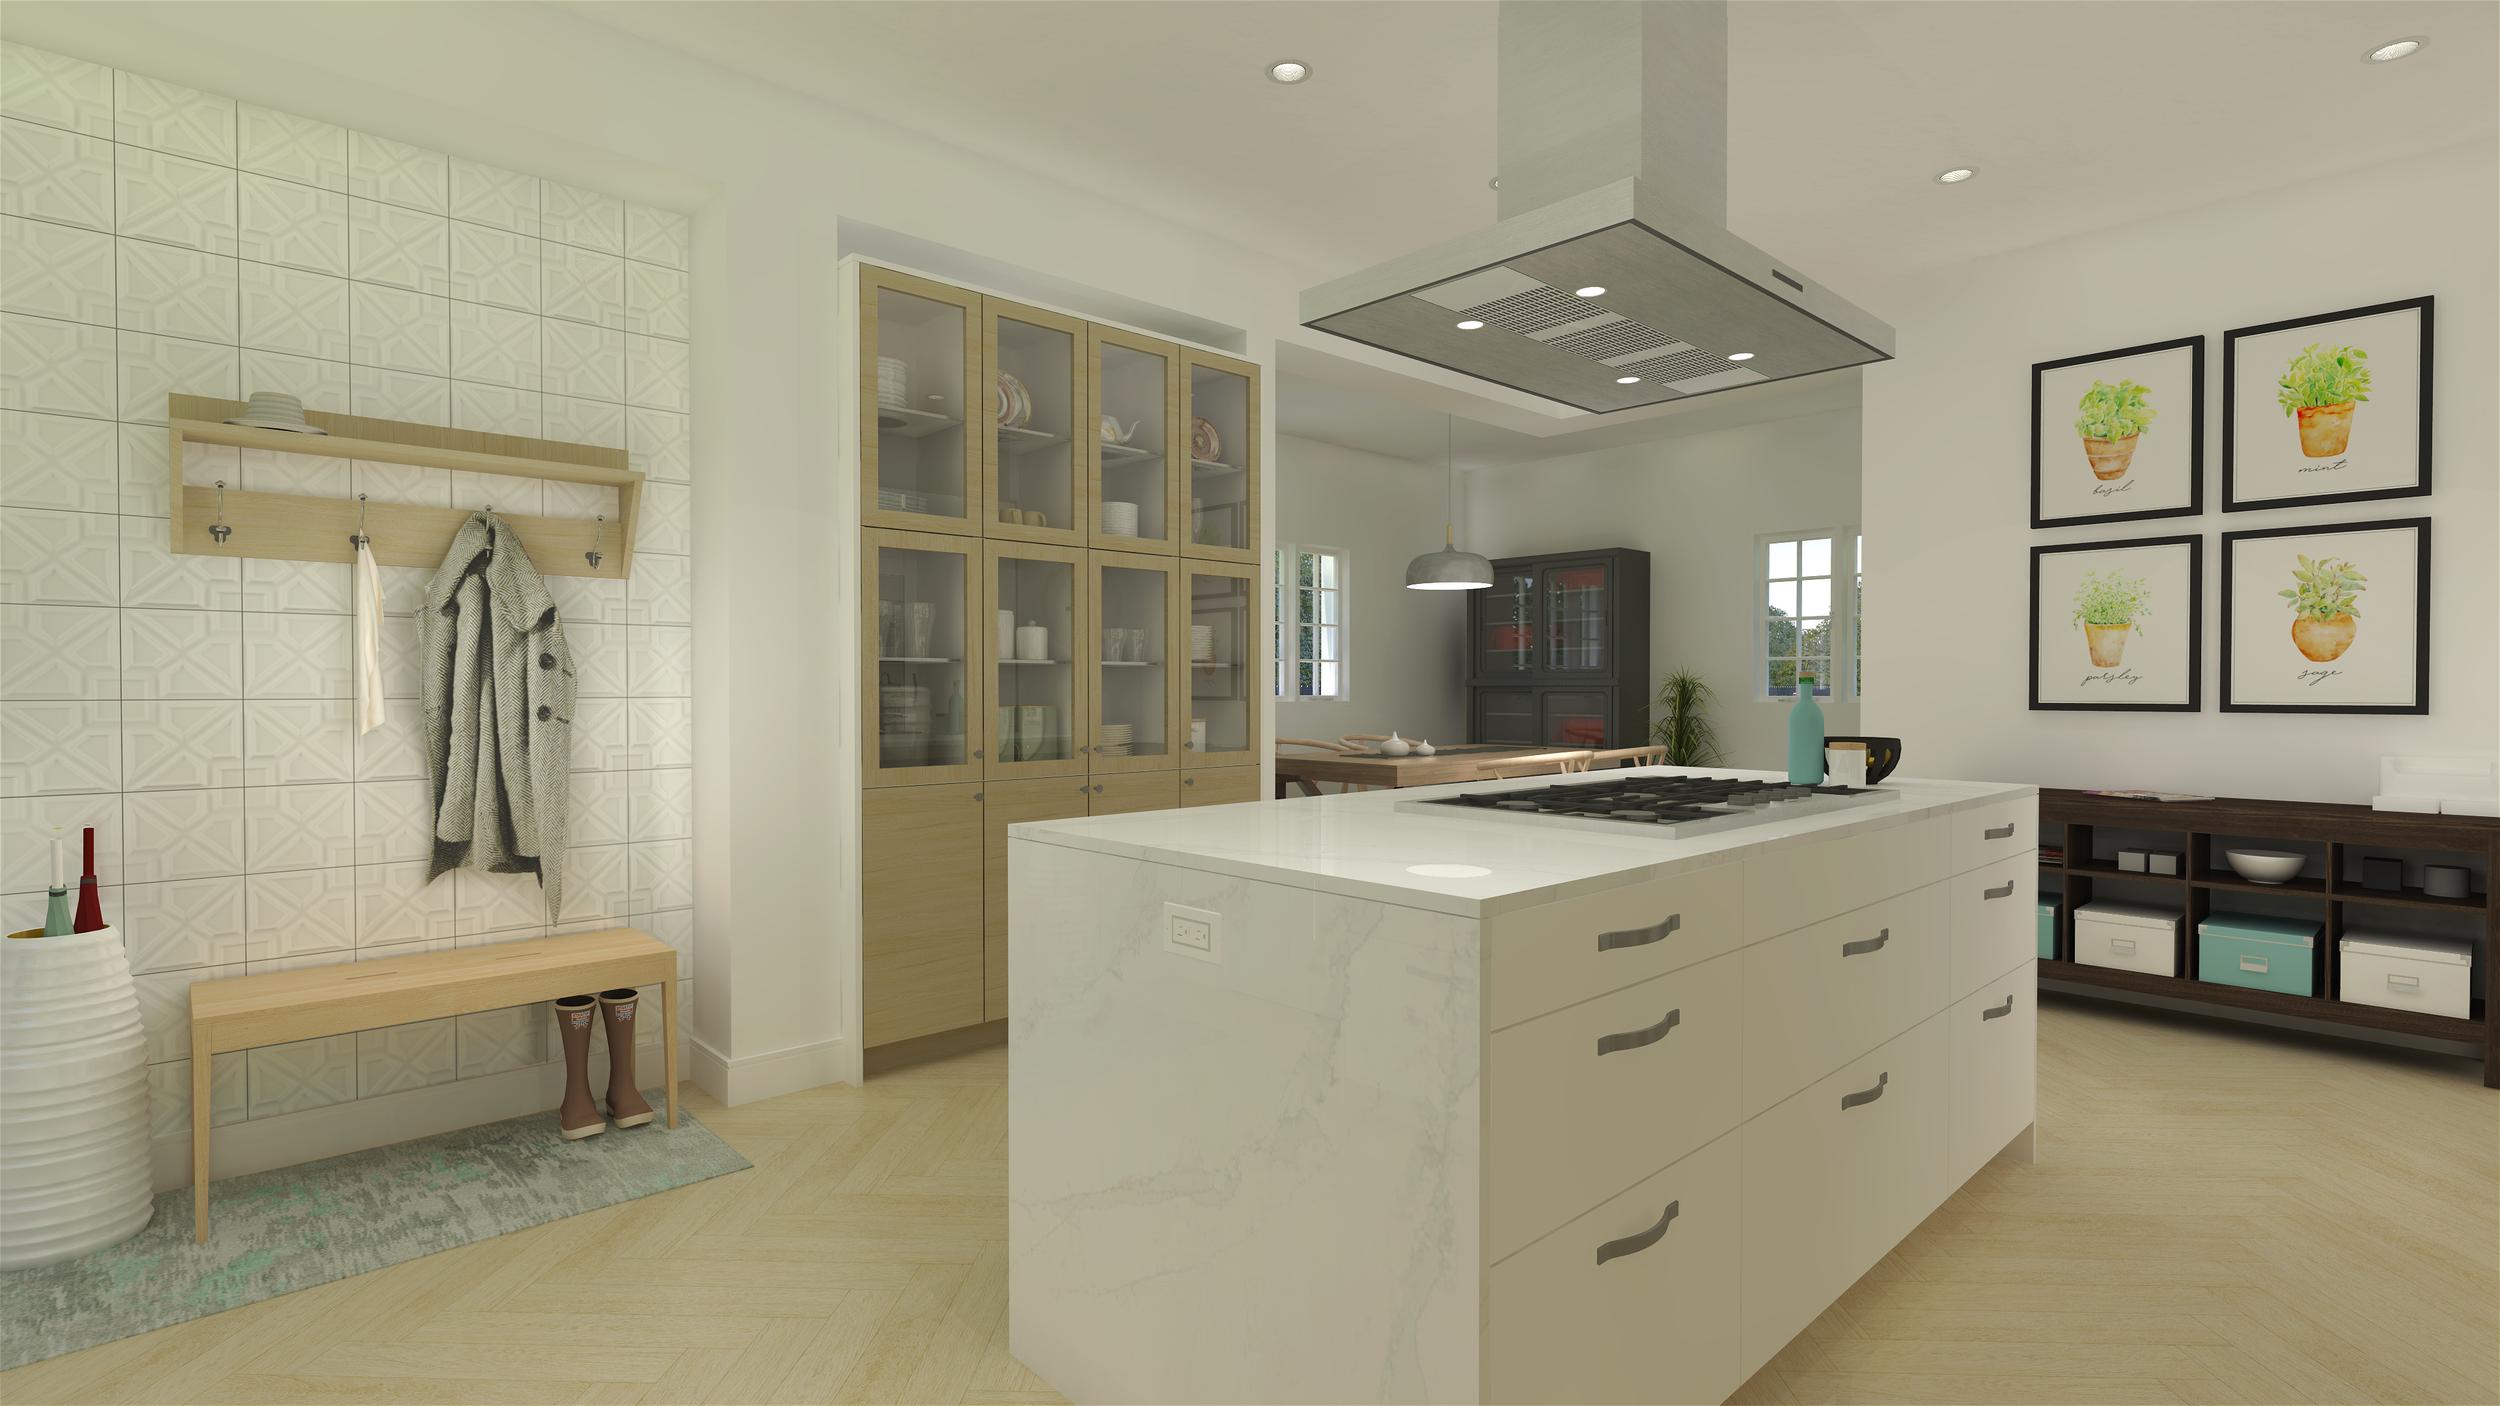 deSousaDESIGN_Kitchen_Modern_Suburbia_V1e_3840x2160.png